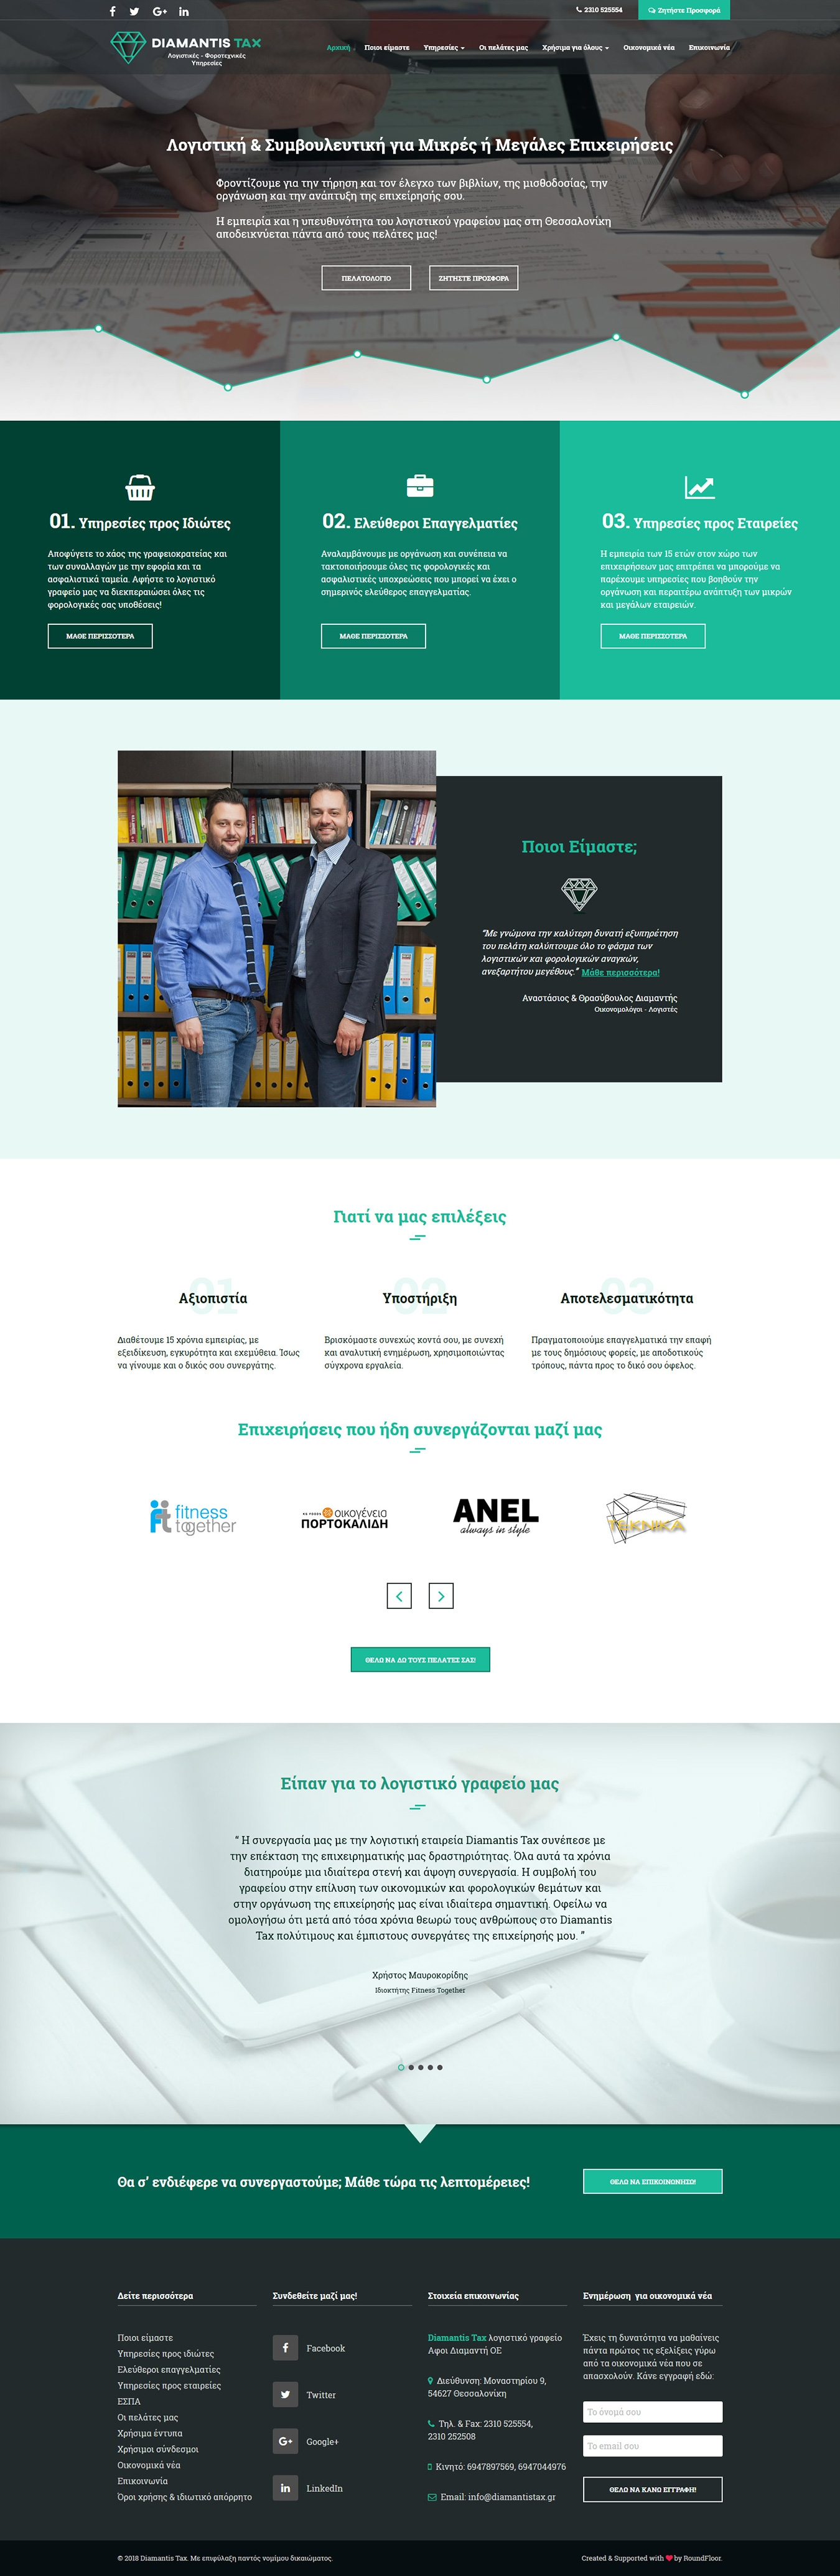 Κατασκευή ιστοσελίδας λογιστικού γραφείου για το Diamantis Tax